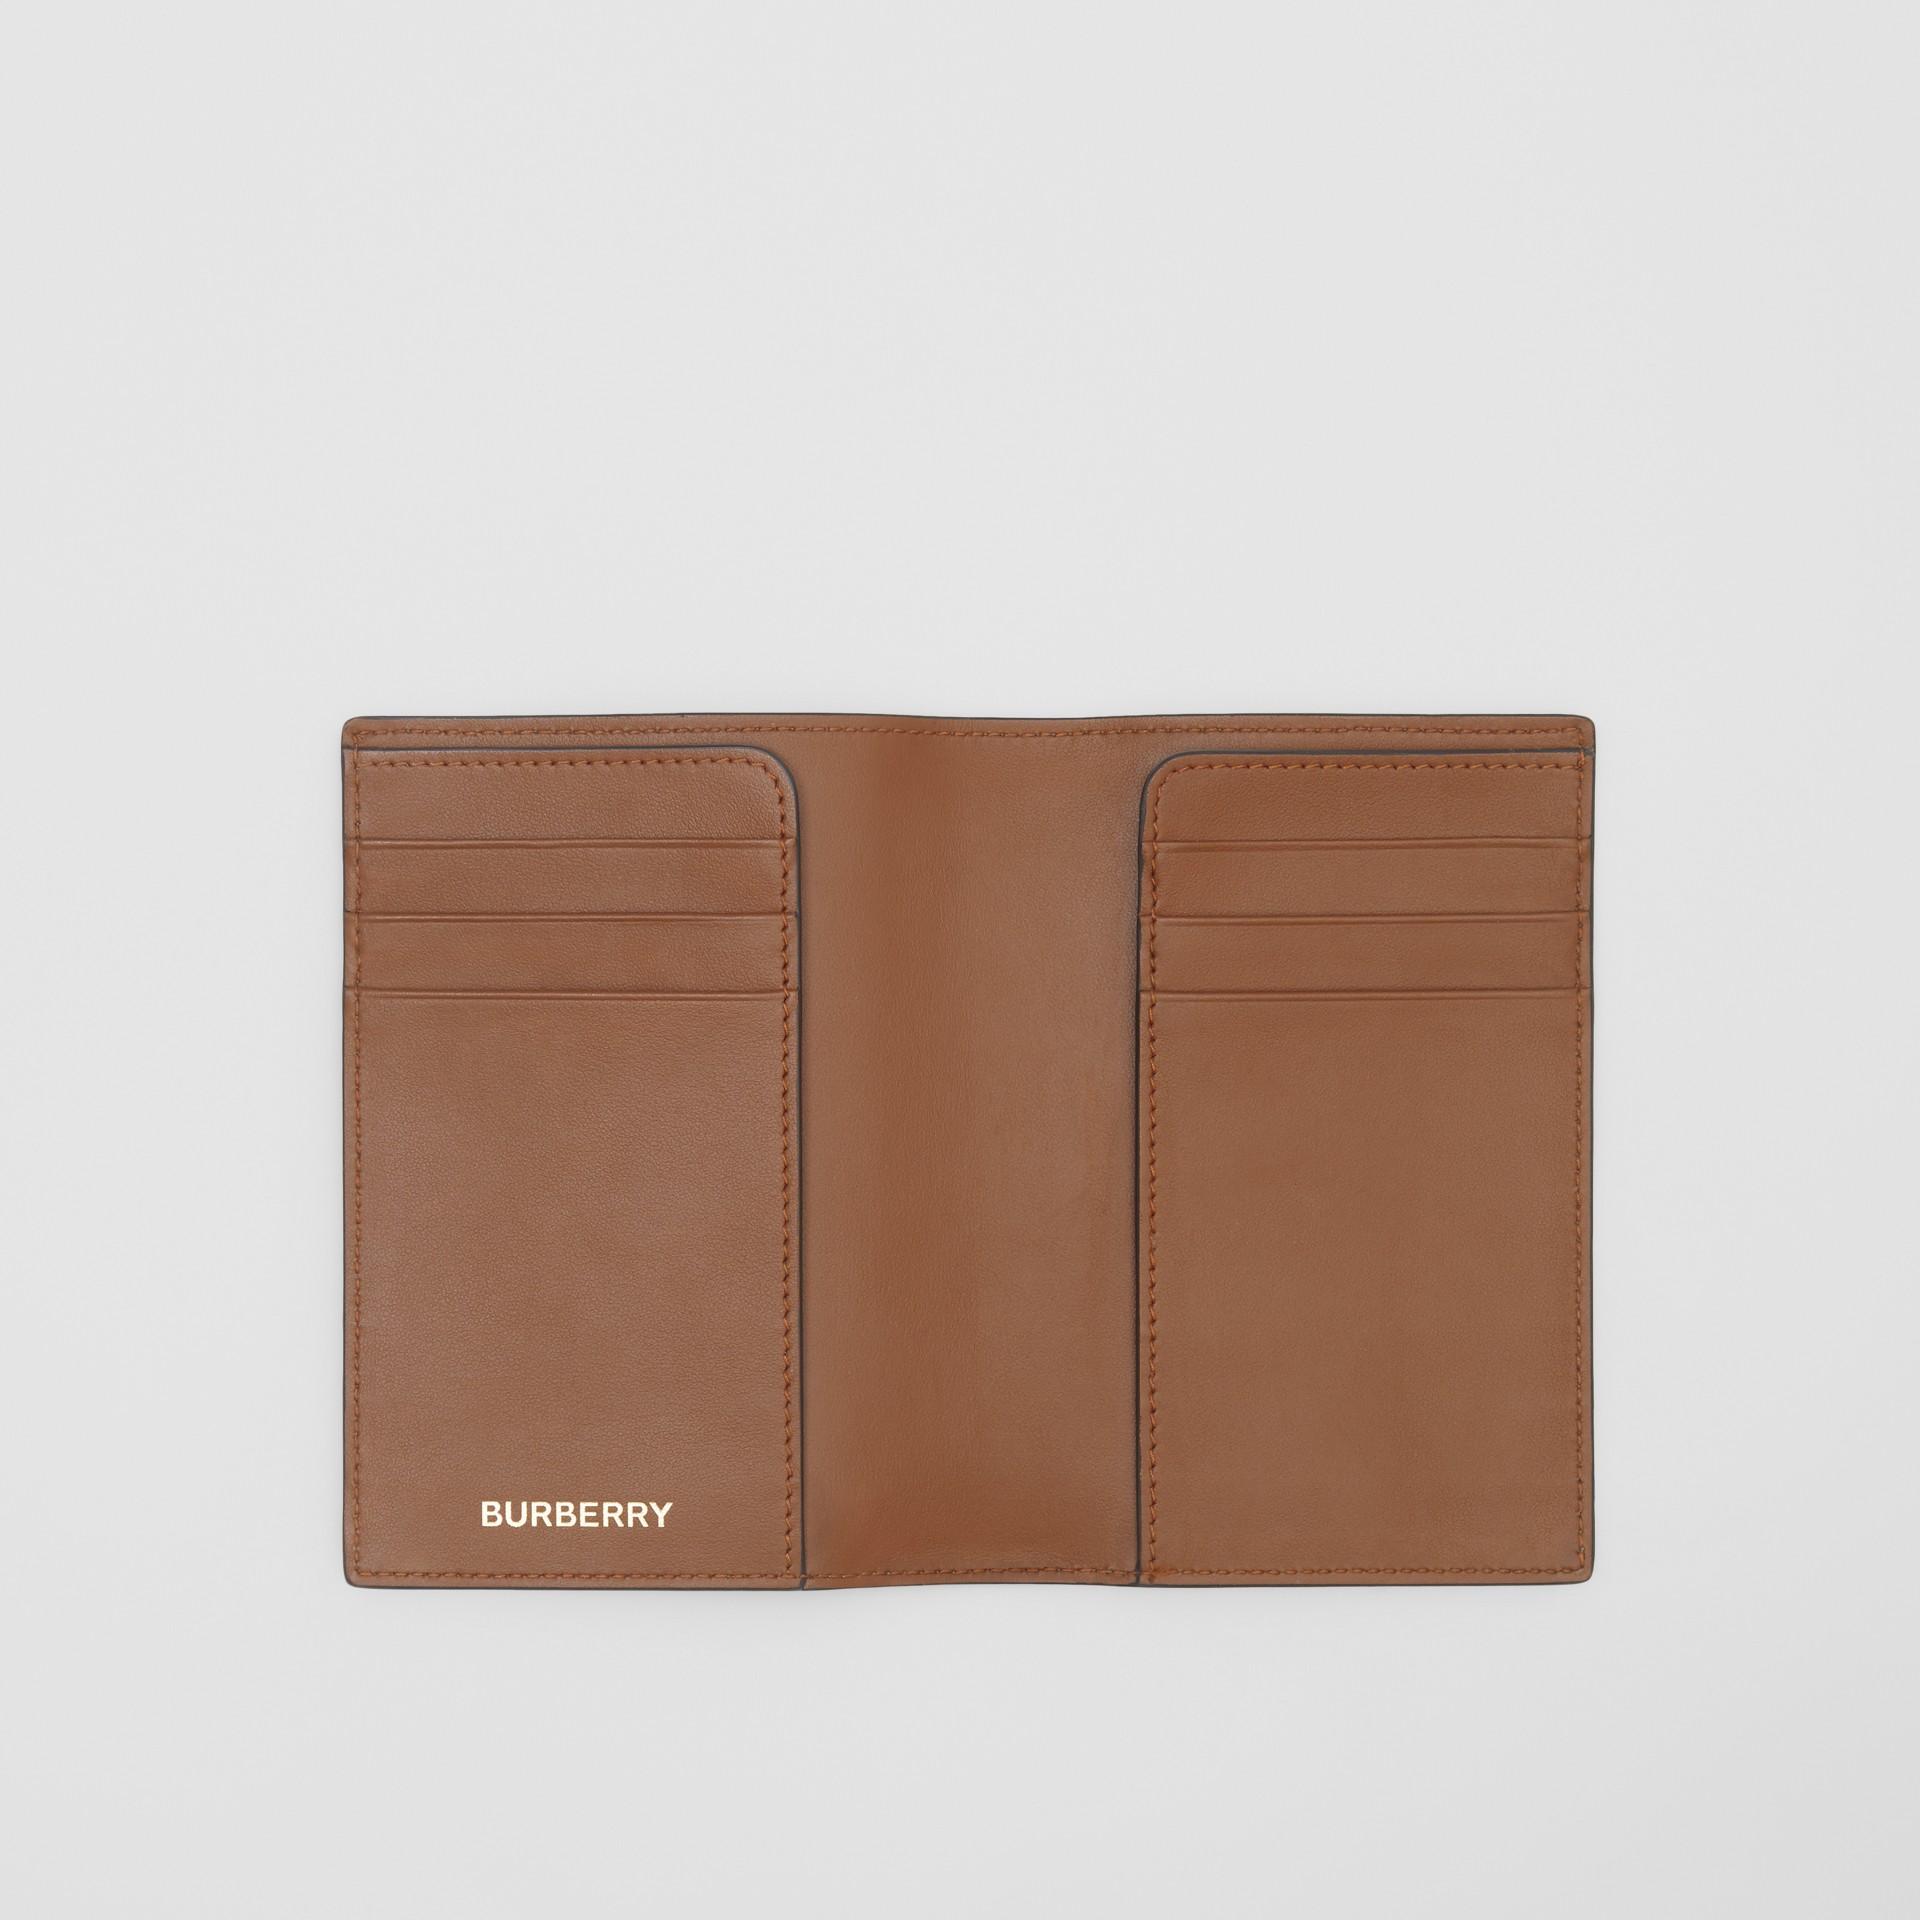 Funda para pasaporte en lona ecológica con estampado de monogramas (Marrón Ecuestre) - Hombre | Burberry - imagen de la galería 2